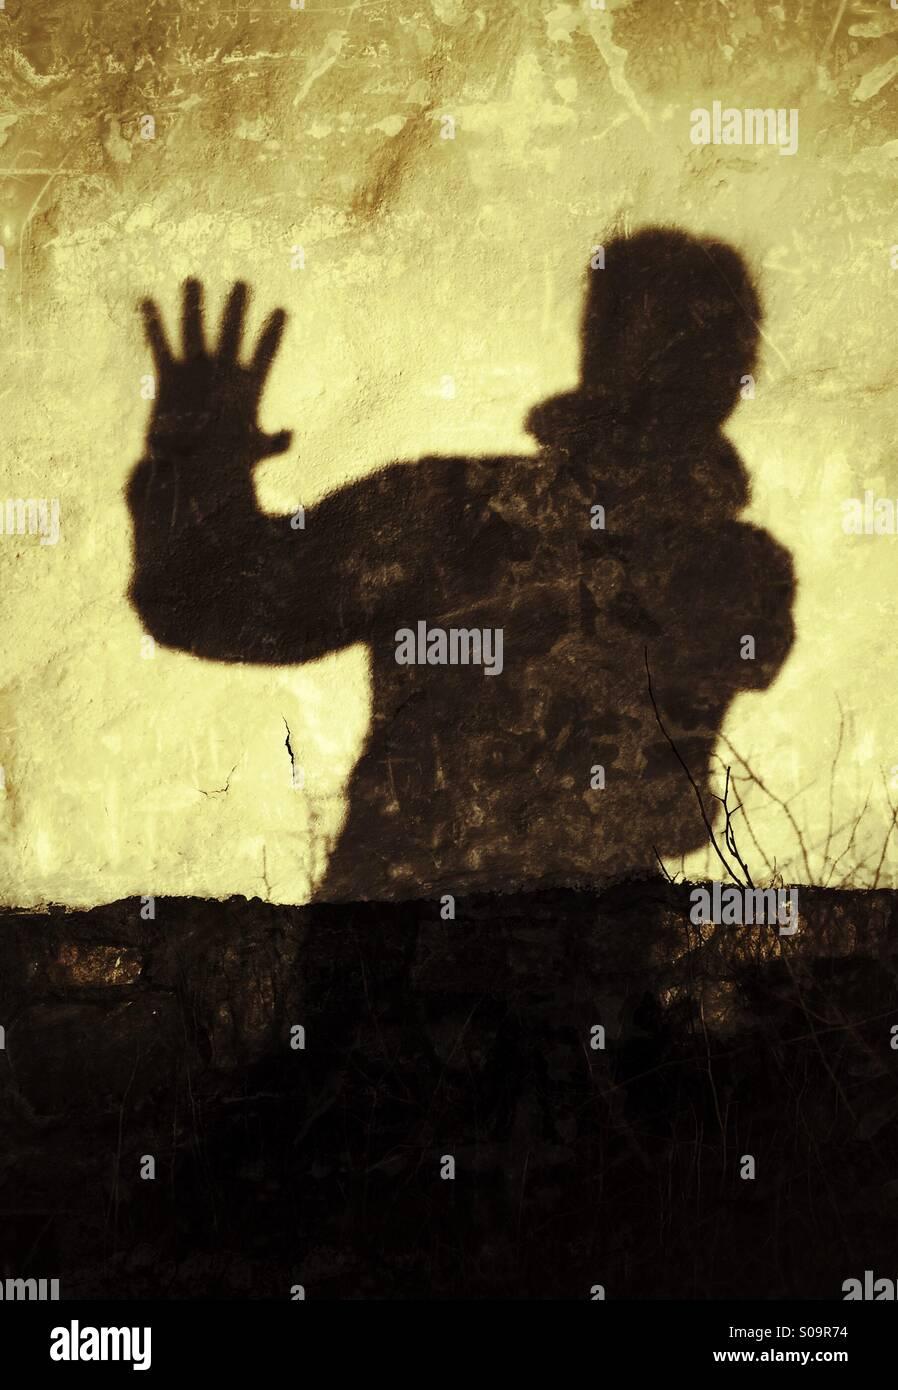 Stop! Pas plus! L'homme jette une ombre sur un mur d'exprimer, arrêtez!, pas plus! Photo Stock